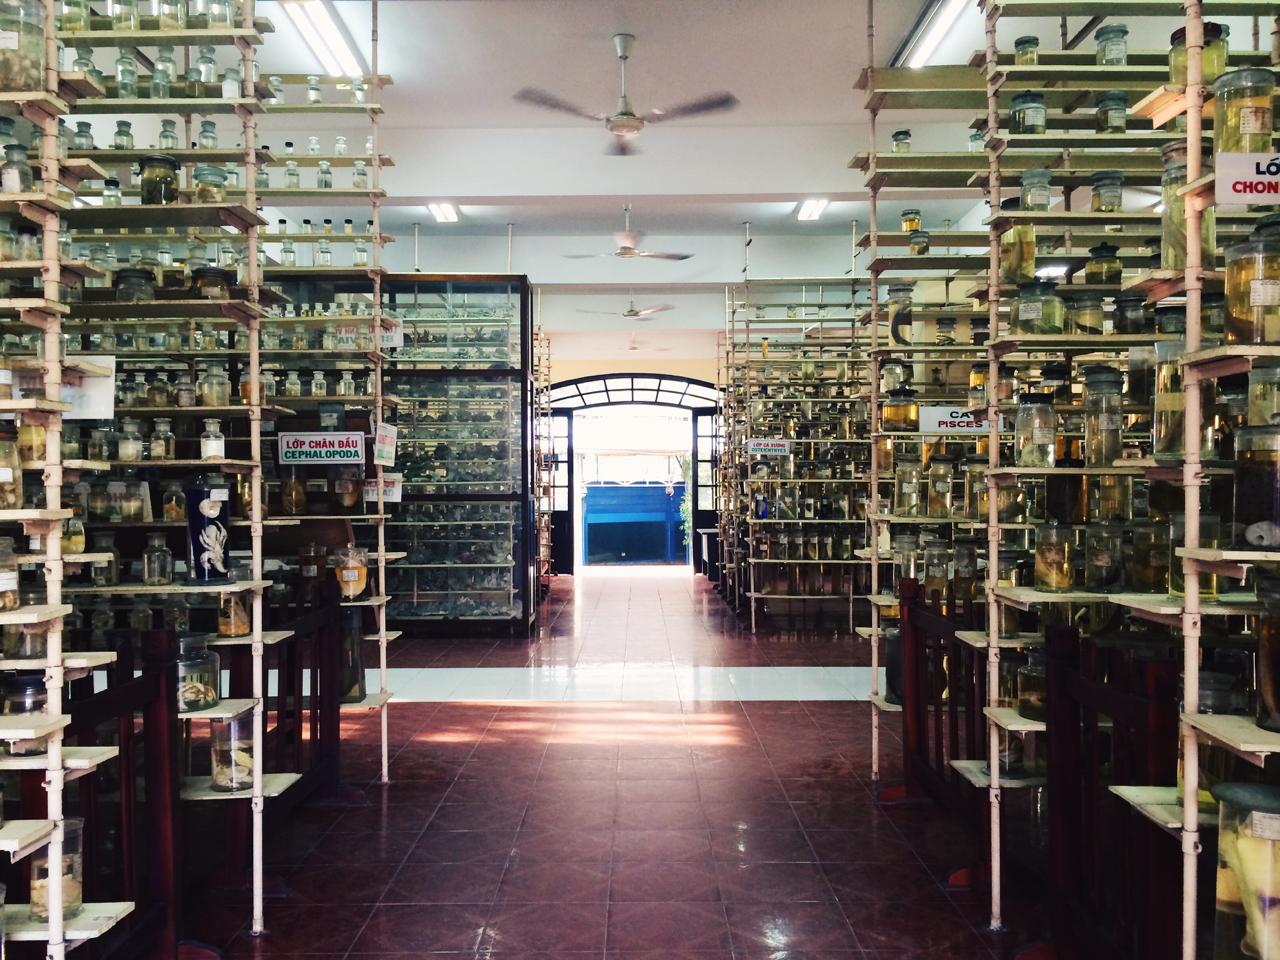 Путешествие по Вьетнаму, Нячанг: Океанографический музей